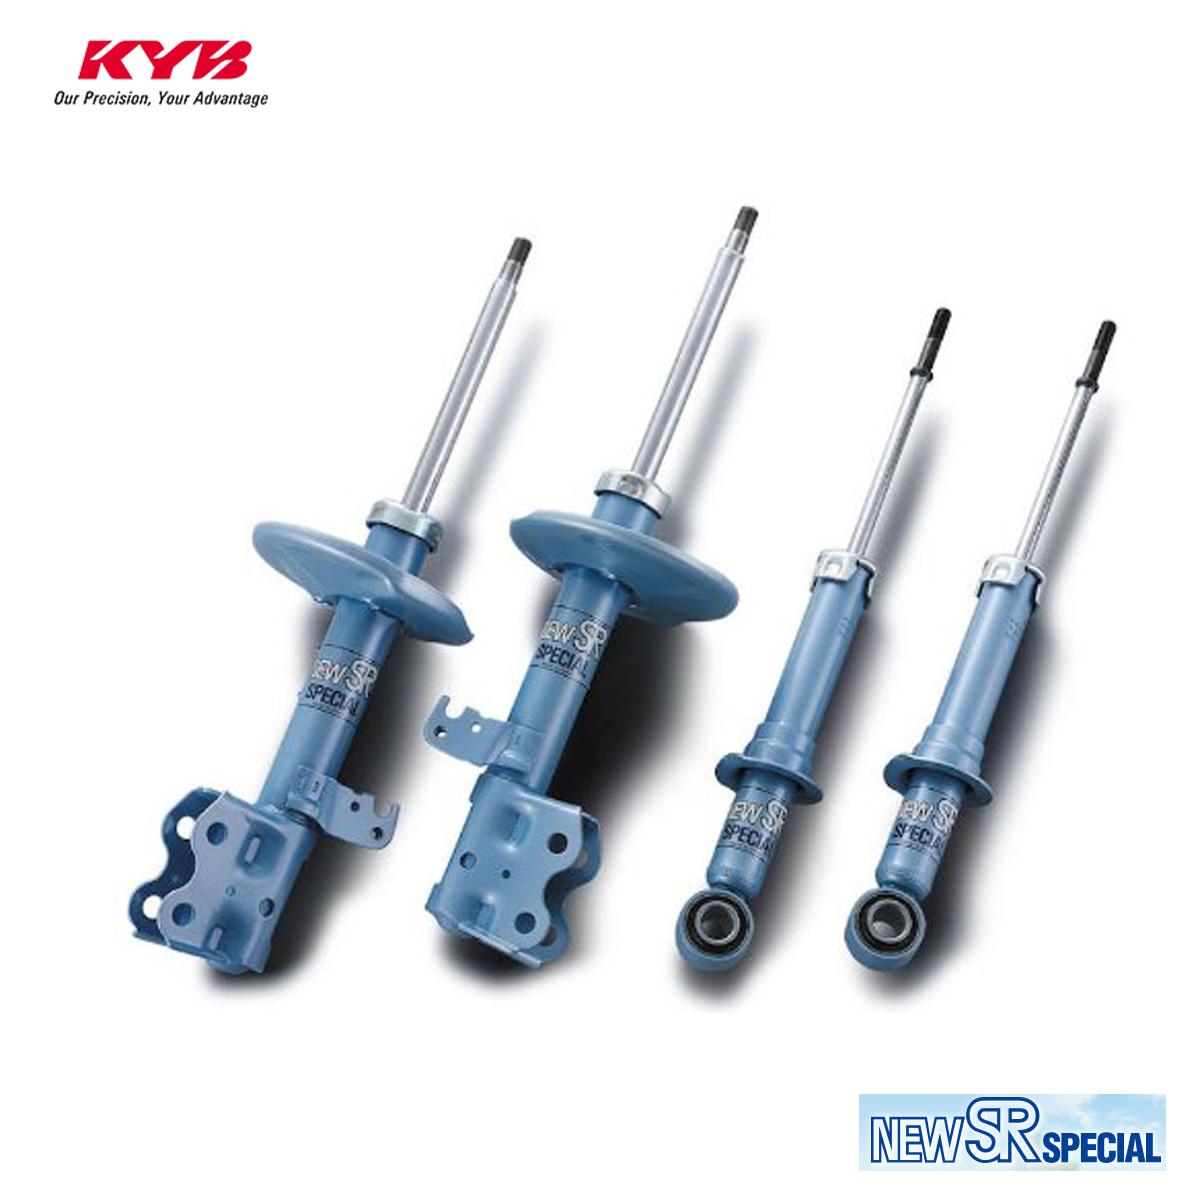 KYB カヤバ カムリグラシア MCV25W SXV25W 25 ショックアブソーバー リア 左用 1本 ニュー SRスペシャル 単品 NEW SR SPECIAL NST5293L